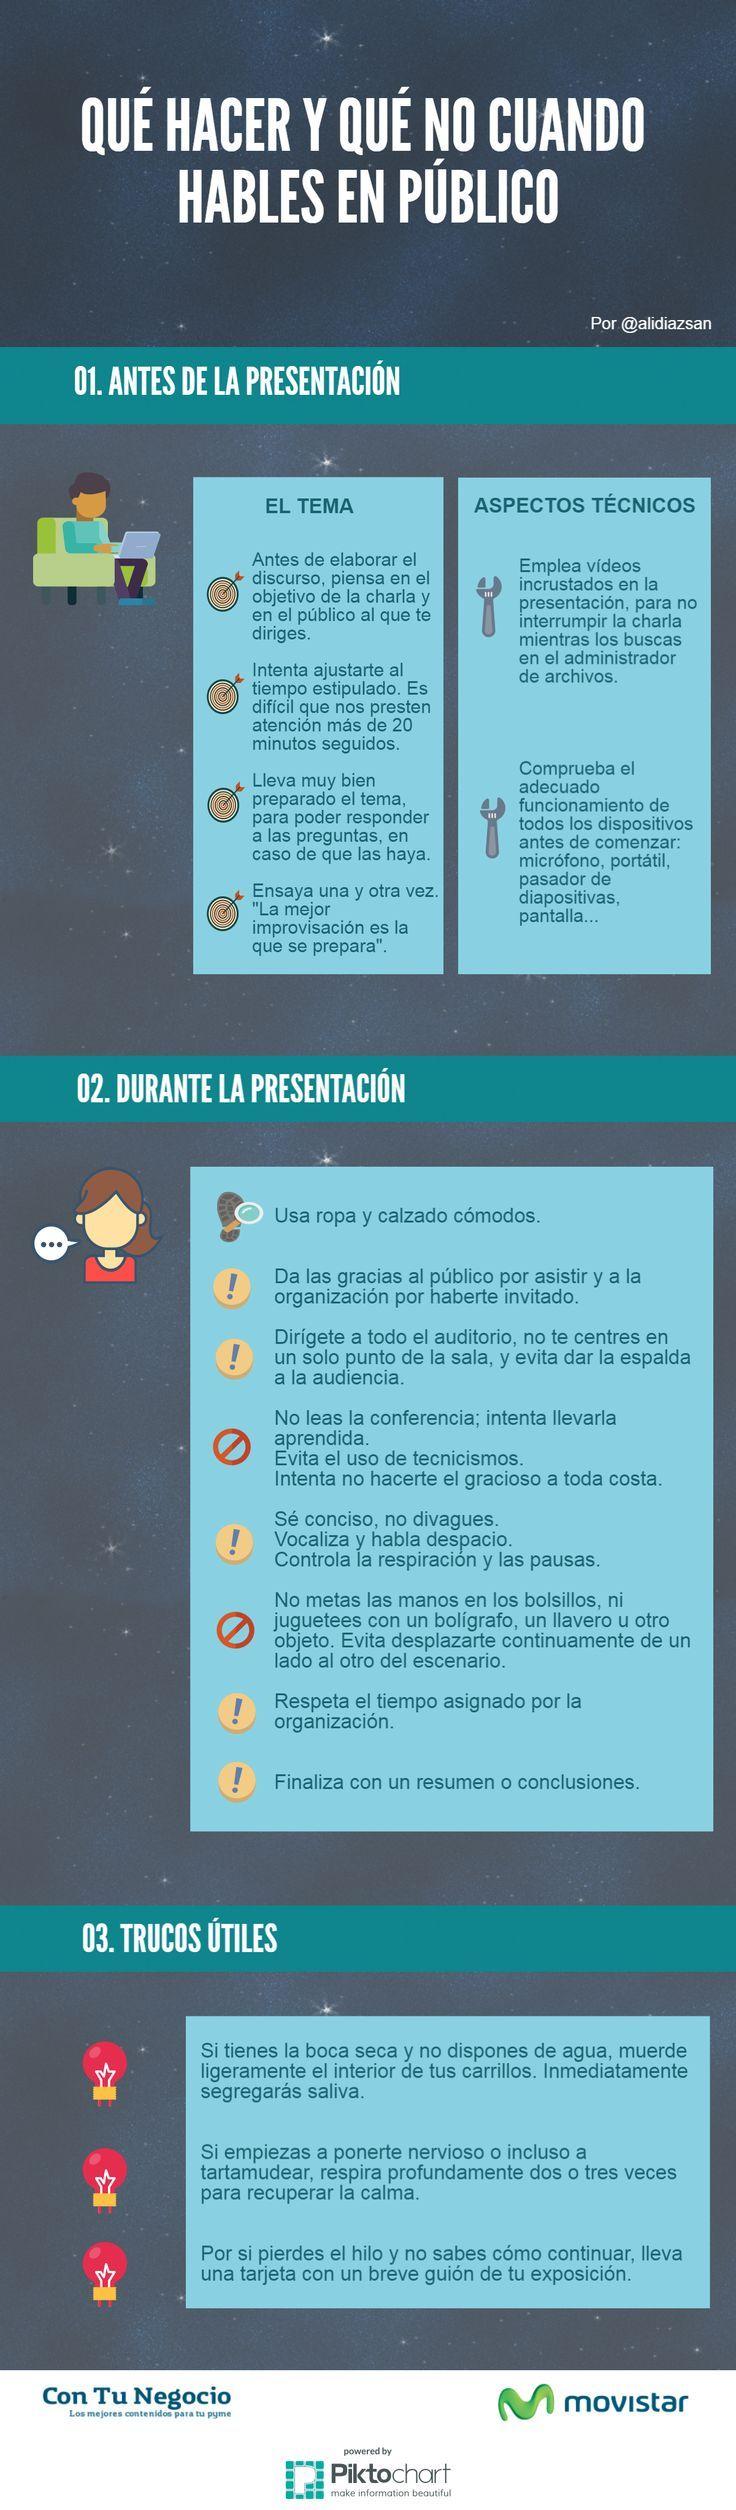 Qué hacer y qué no cuando hables en público #infografia #infografias #infographic